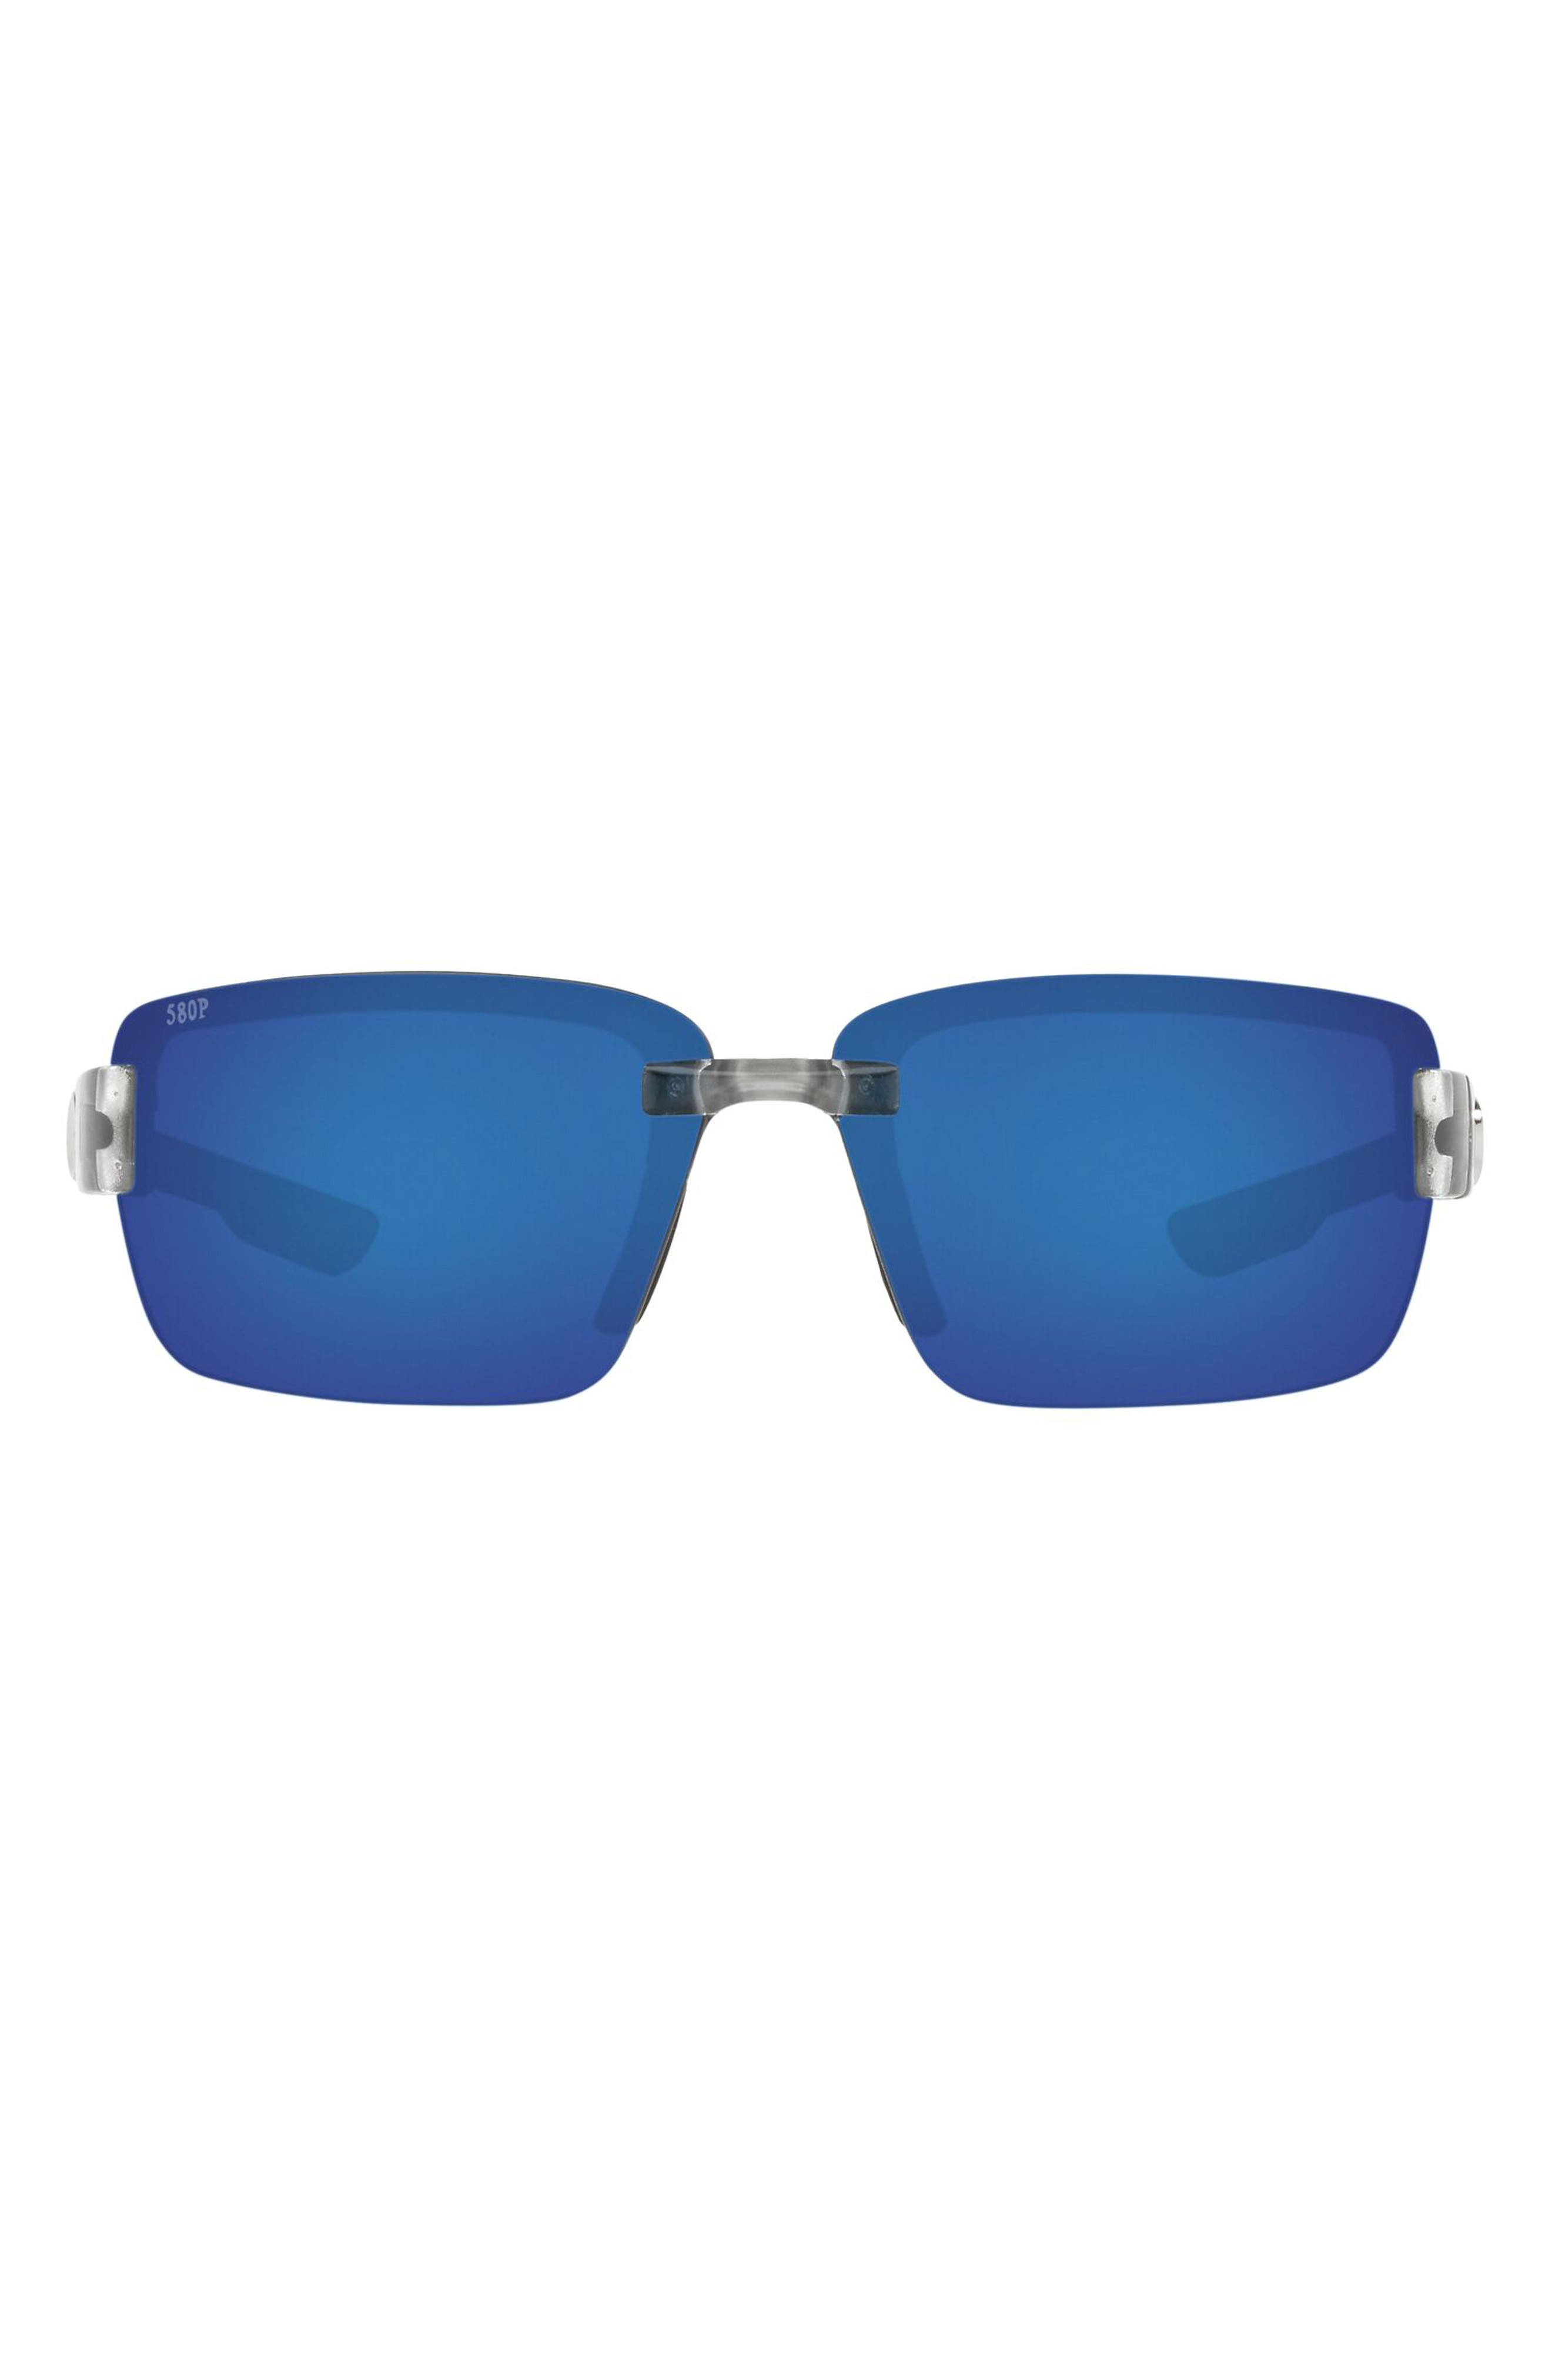 67mm Oversize Rectangular Polarized Sunglasses